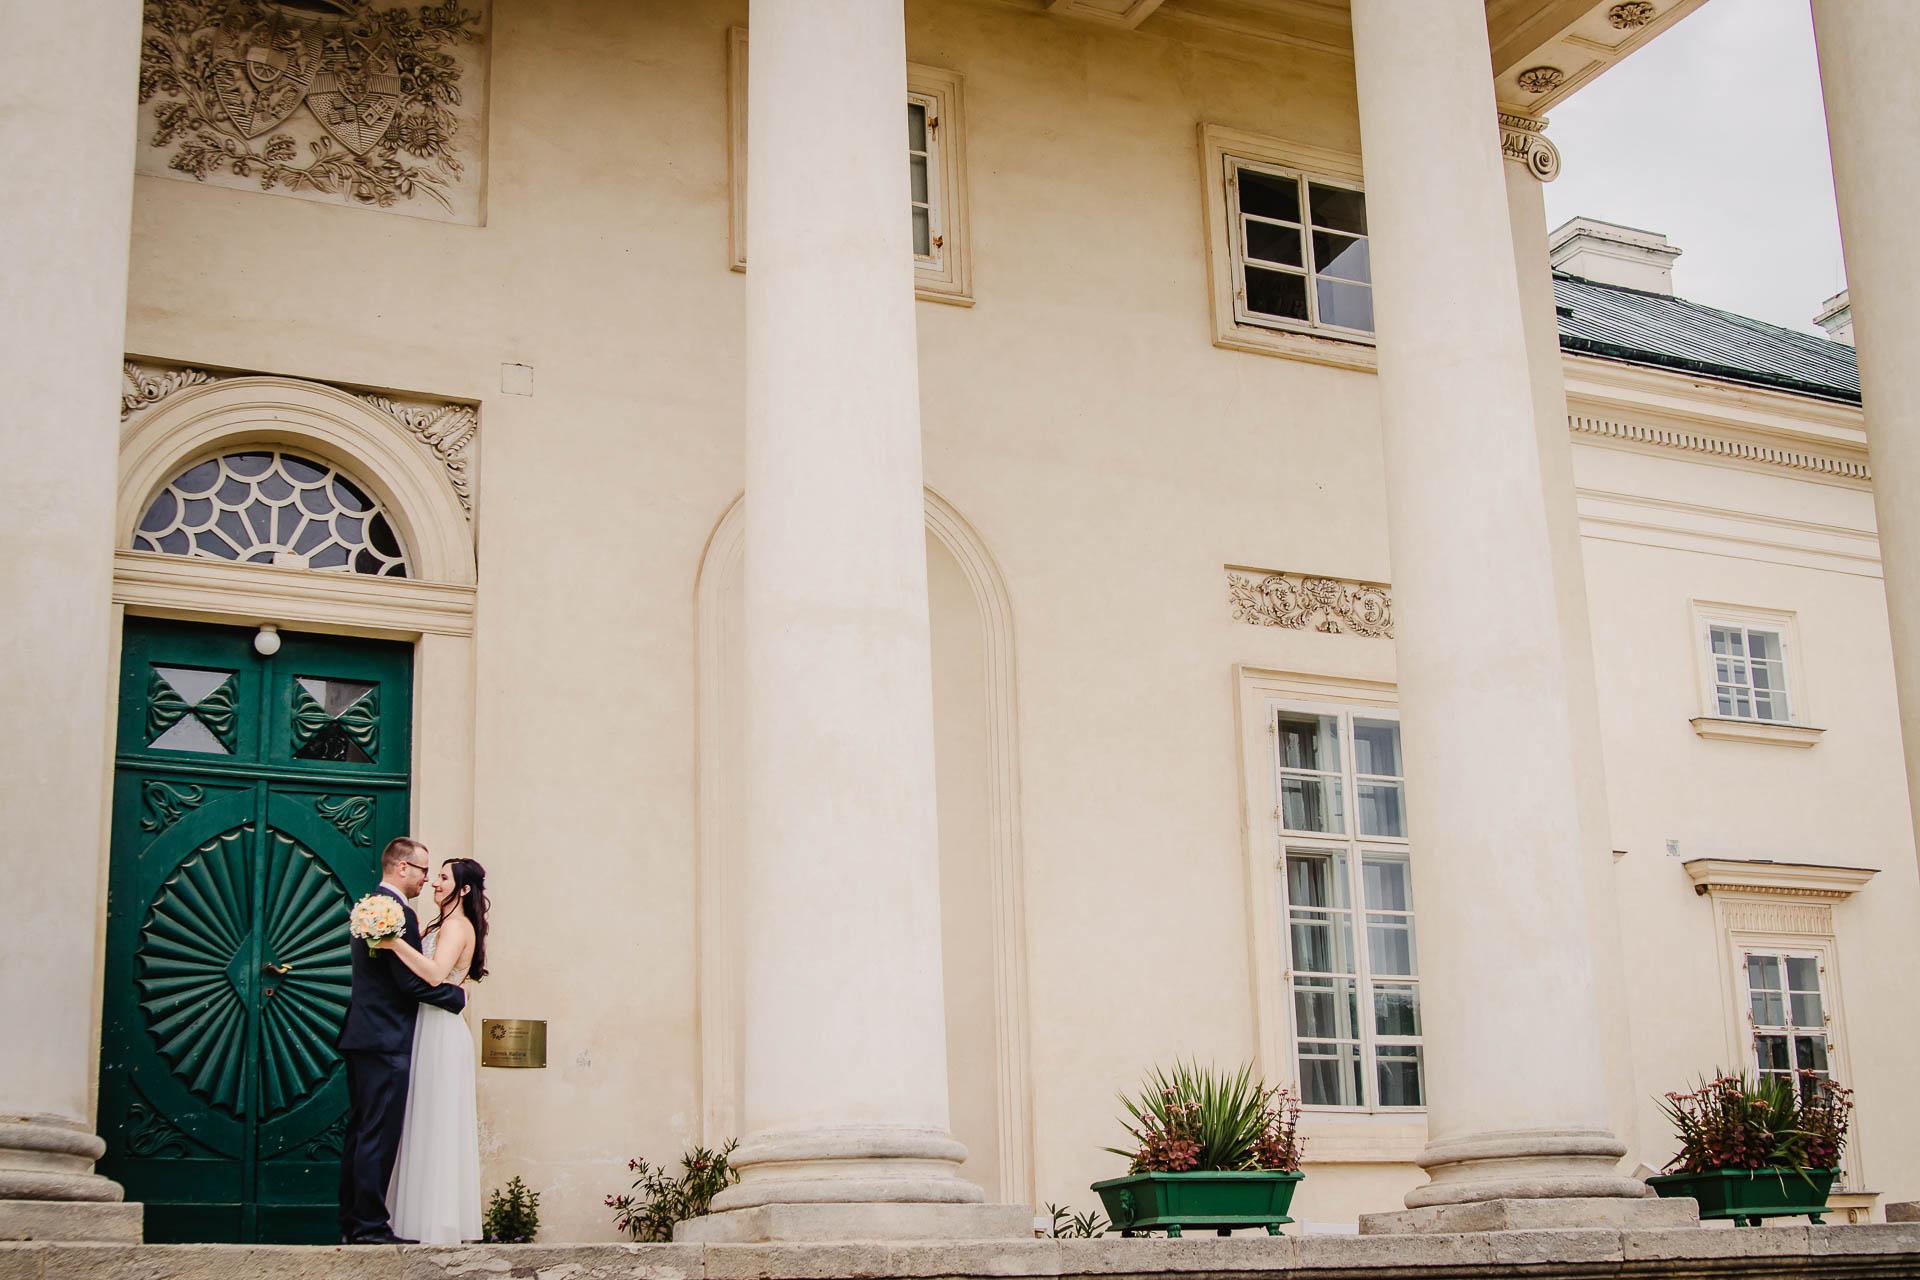 svatební-fotograf-zámek-Kačina-svatebni-fotograf-Kutná-Hora-263